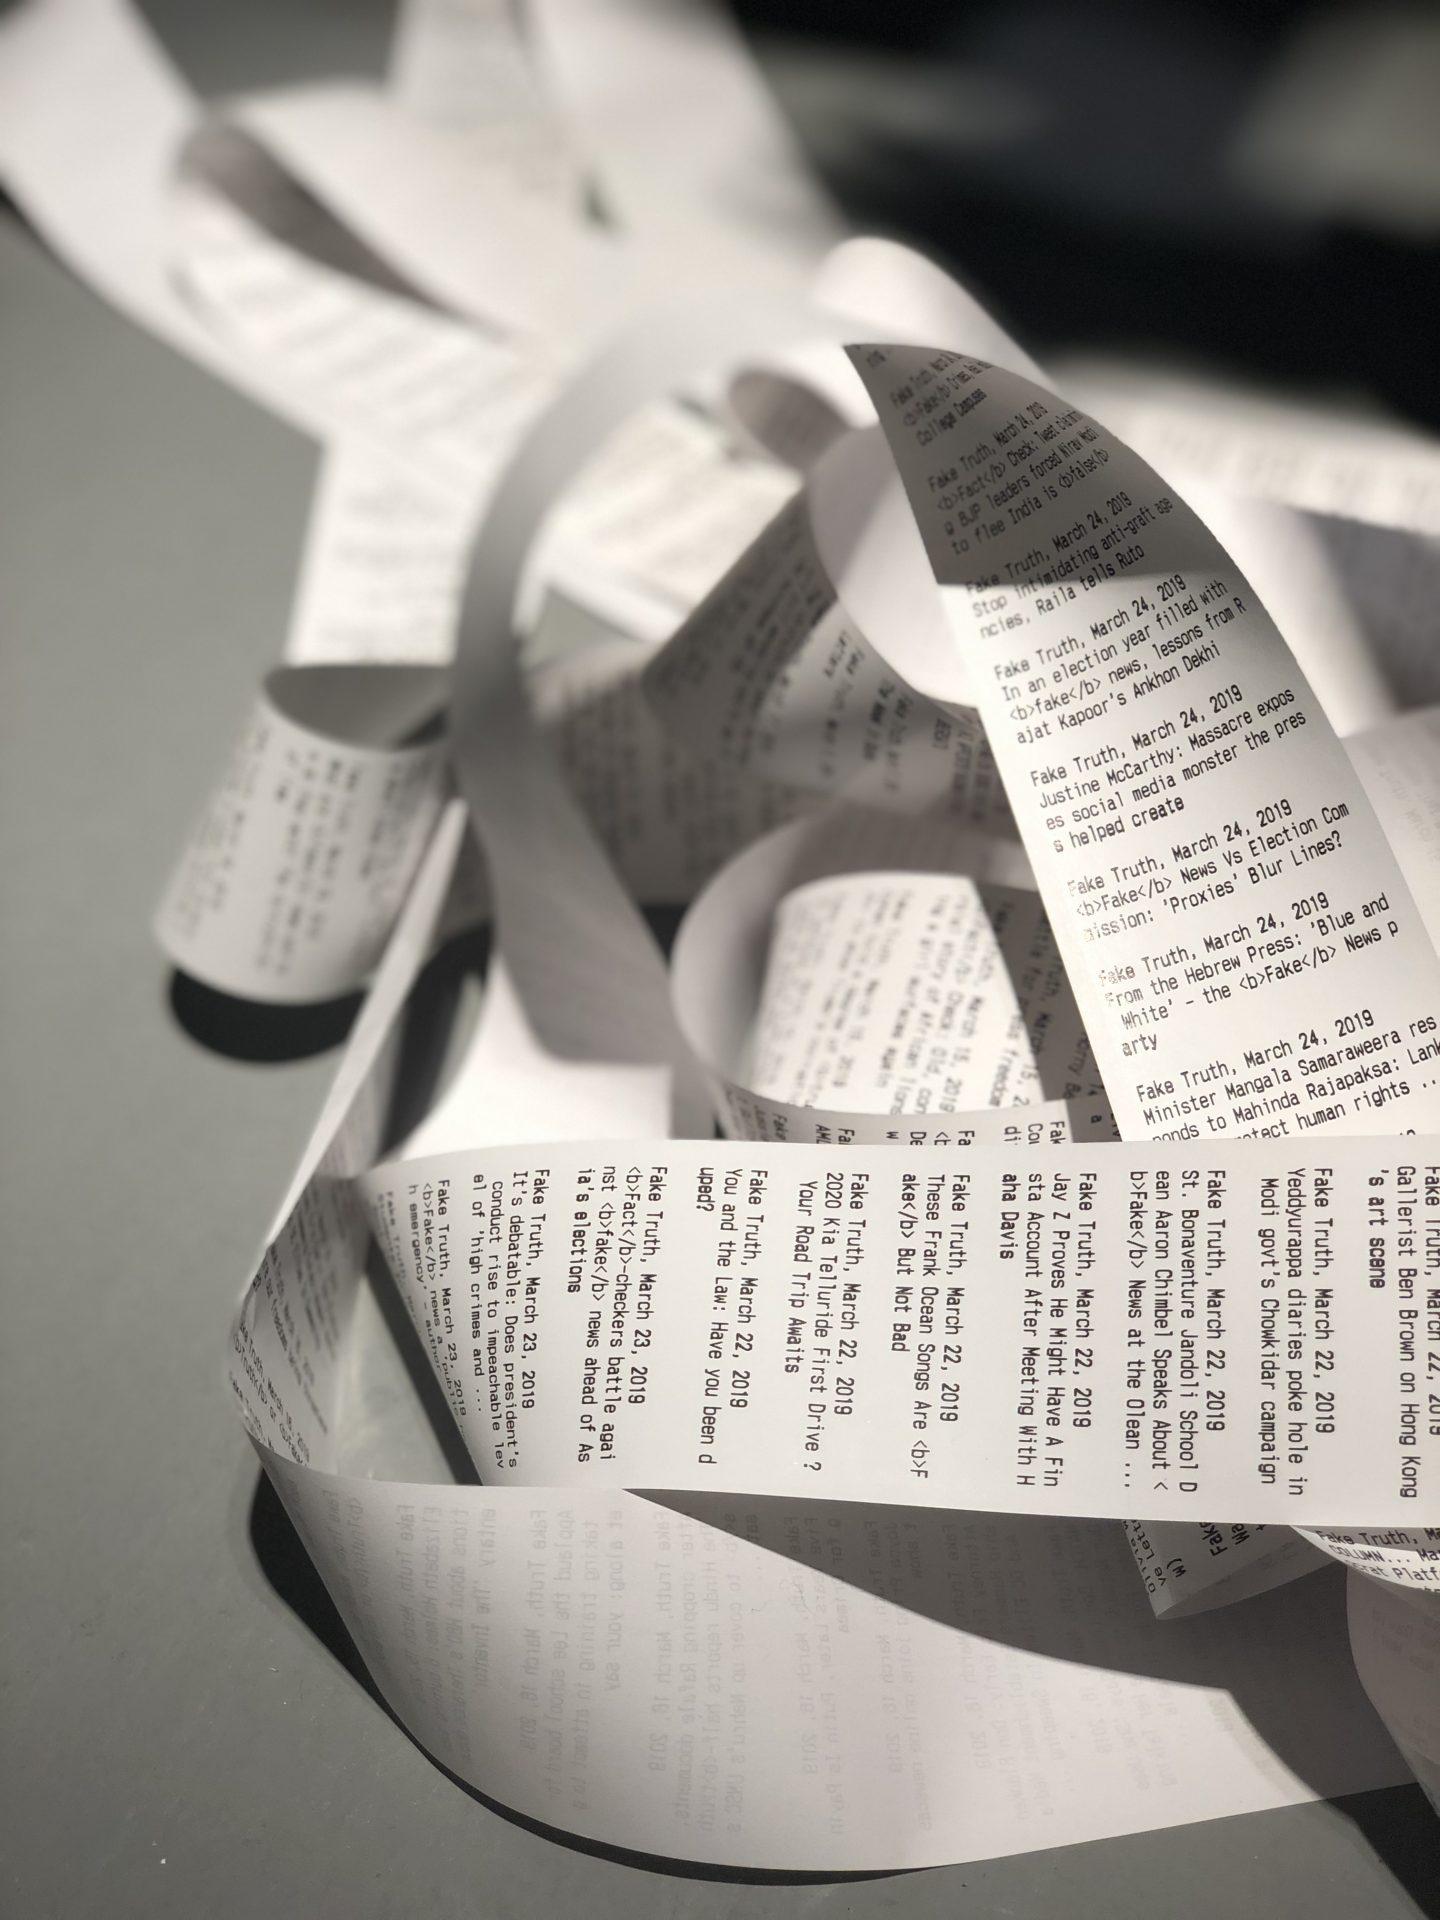 מוזיאון חיפה לאמנות תערוכה פייק ניוז צילה חסין כרמל ברנע ברזנר ג׳ונס3